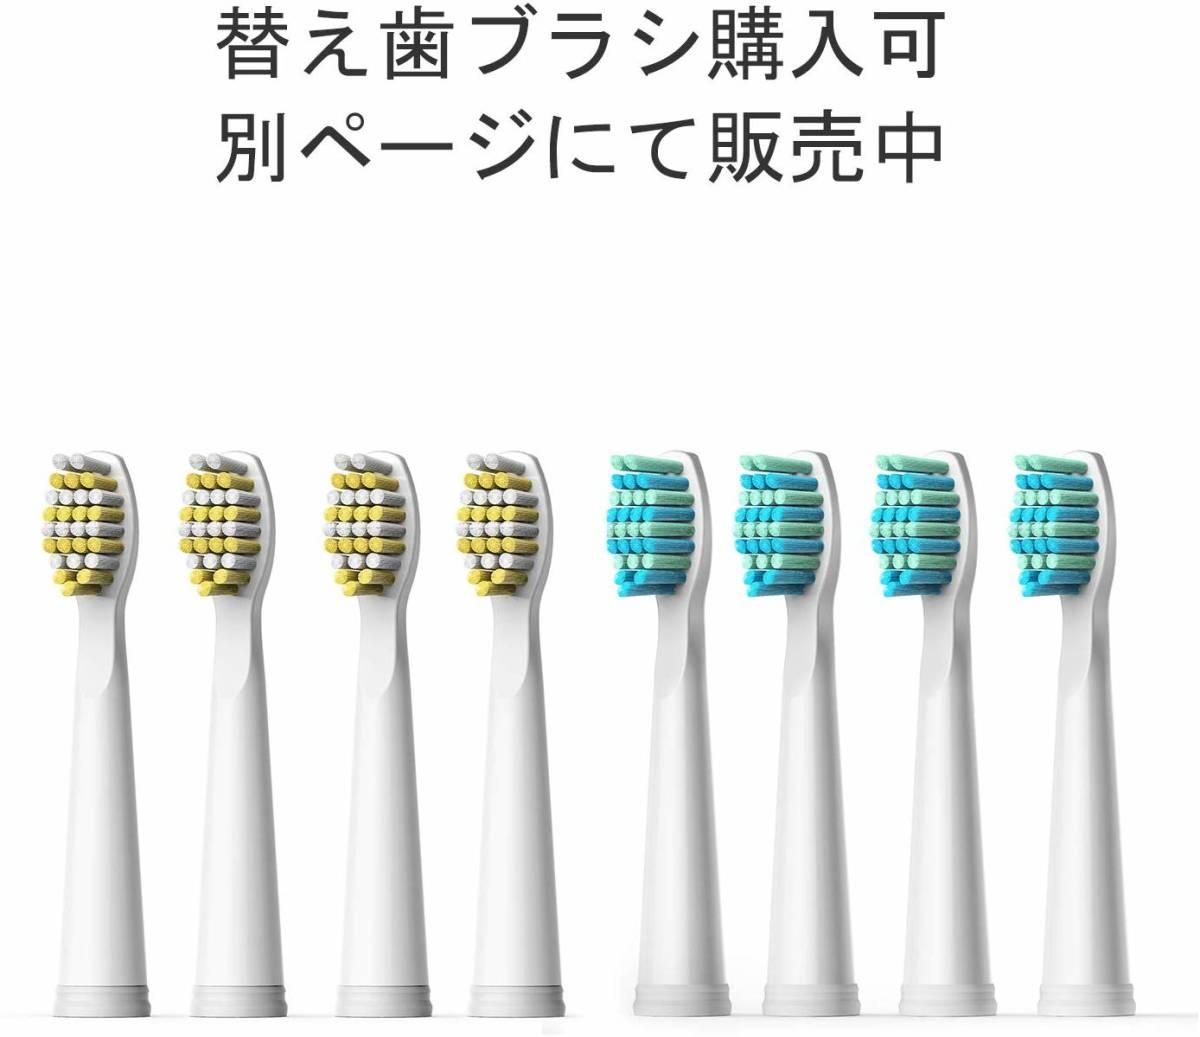 【送料無料】電動歯ブラシ Fairywill 音波 充電式 ホワイト ソニック IPX7防水 5モード 2分オートタイマー USB充電 替えブラシ3本 FW-507